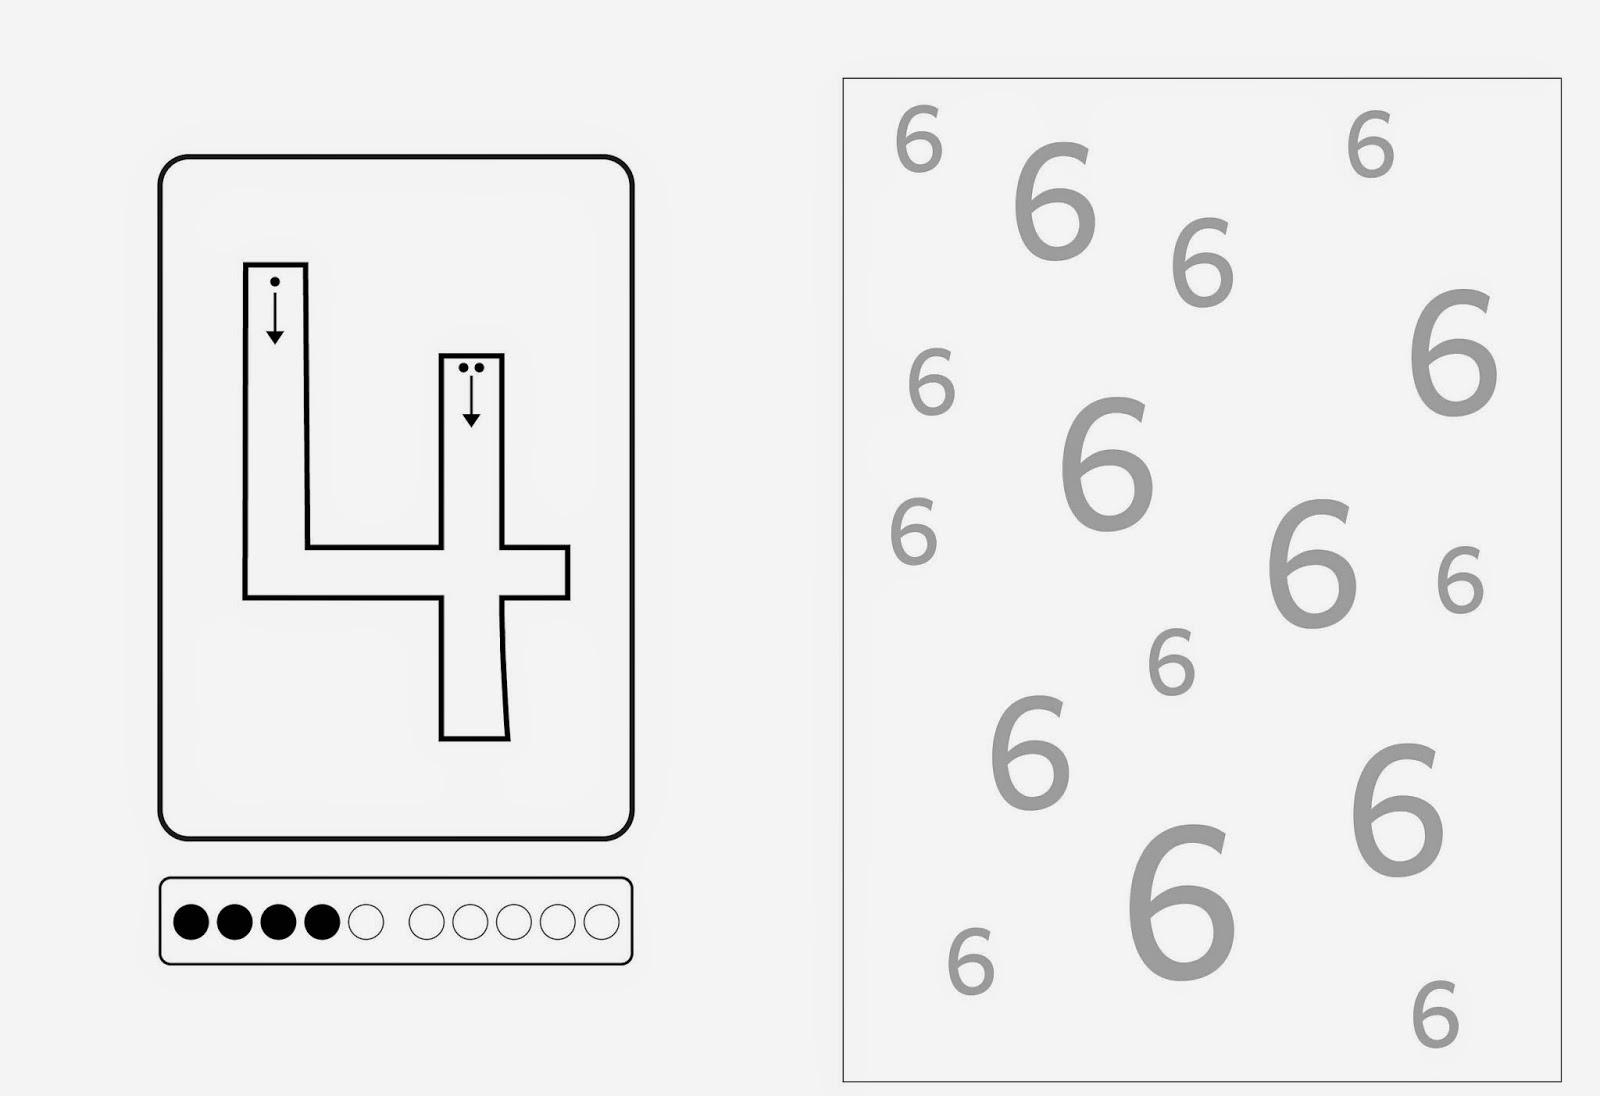 Lernstbchen Ziffernschreibkurs 4 5 6 groe Zahlen 2